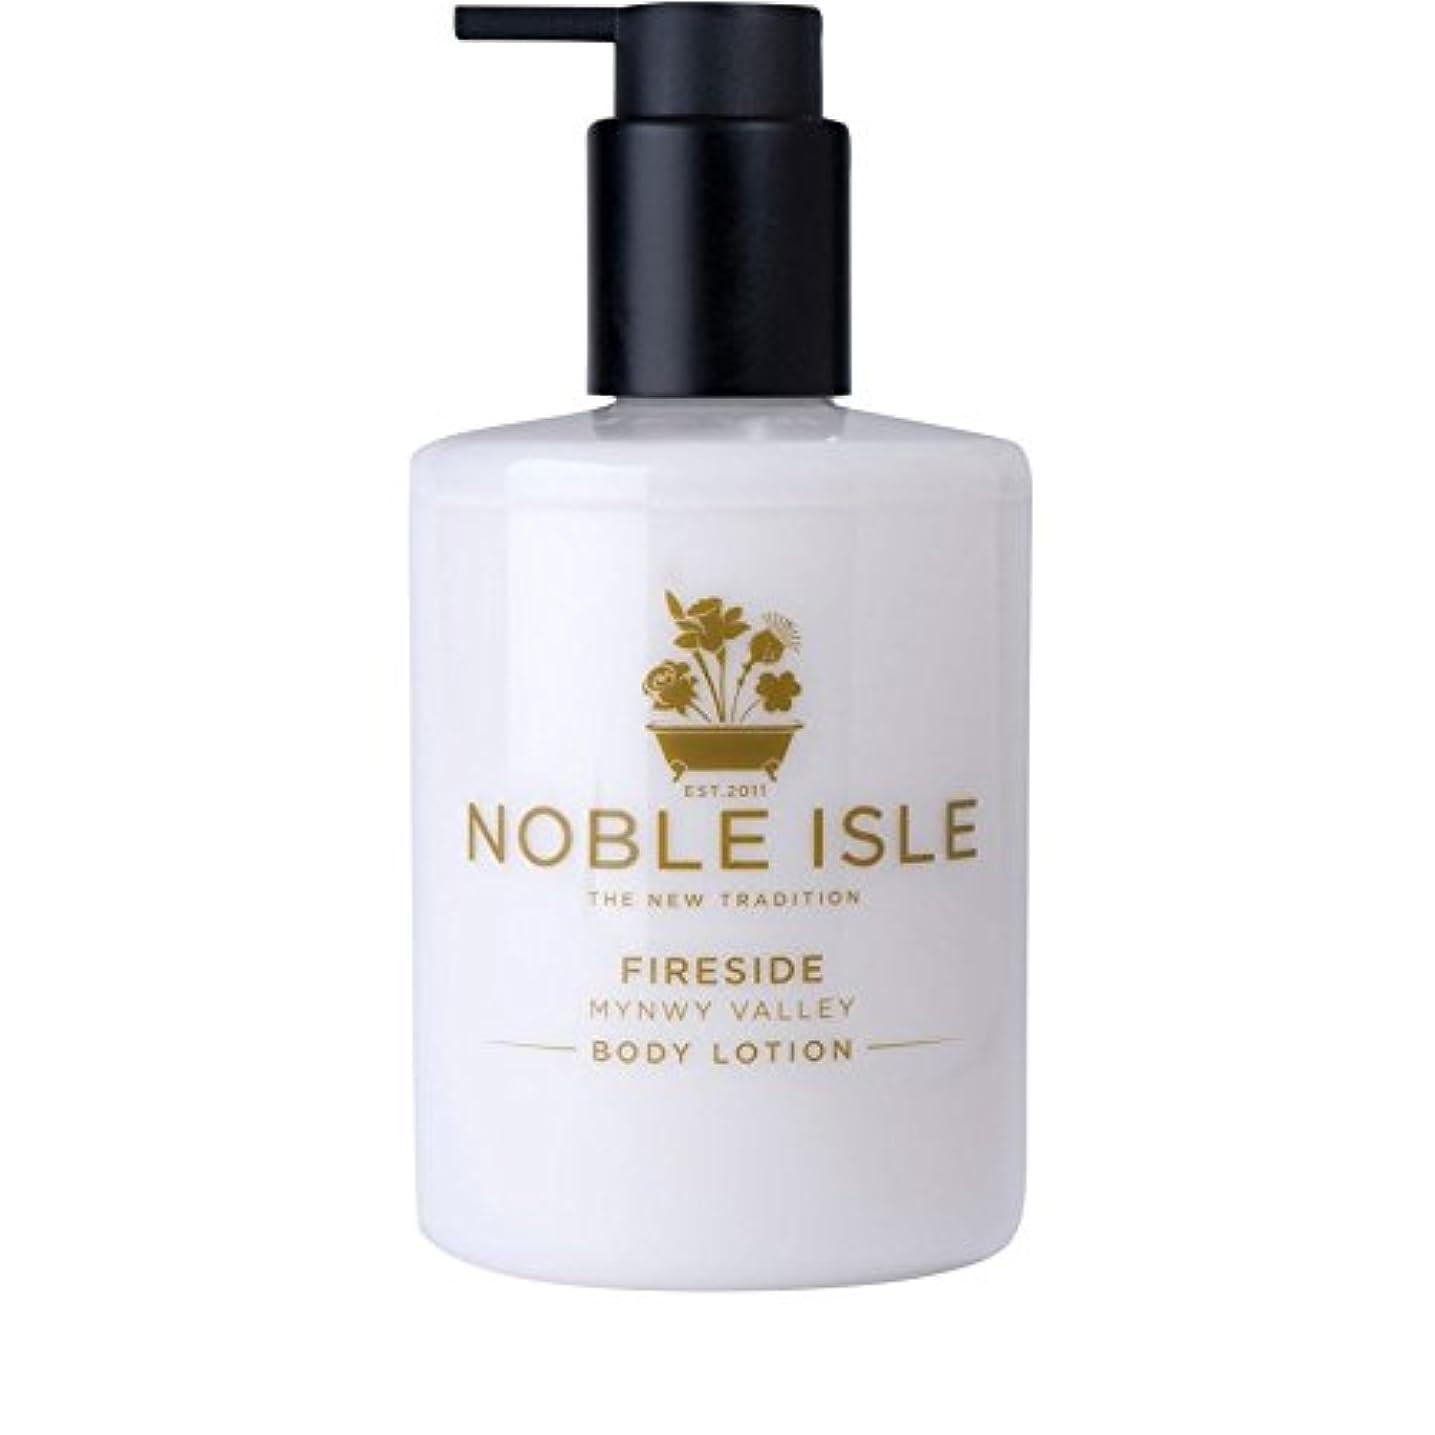 チラチラするバブル予測子高貴な島炉端谷のボディローション250ミリリットル x2 - Noble Isle Fireside Mynwy Valley Body Lotion 250ml (Pack of 2) [並行輸入品]